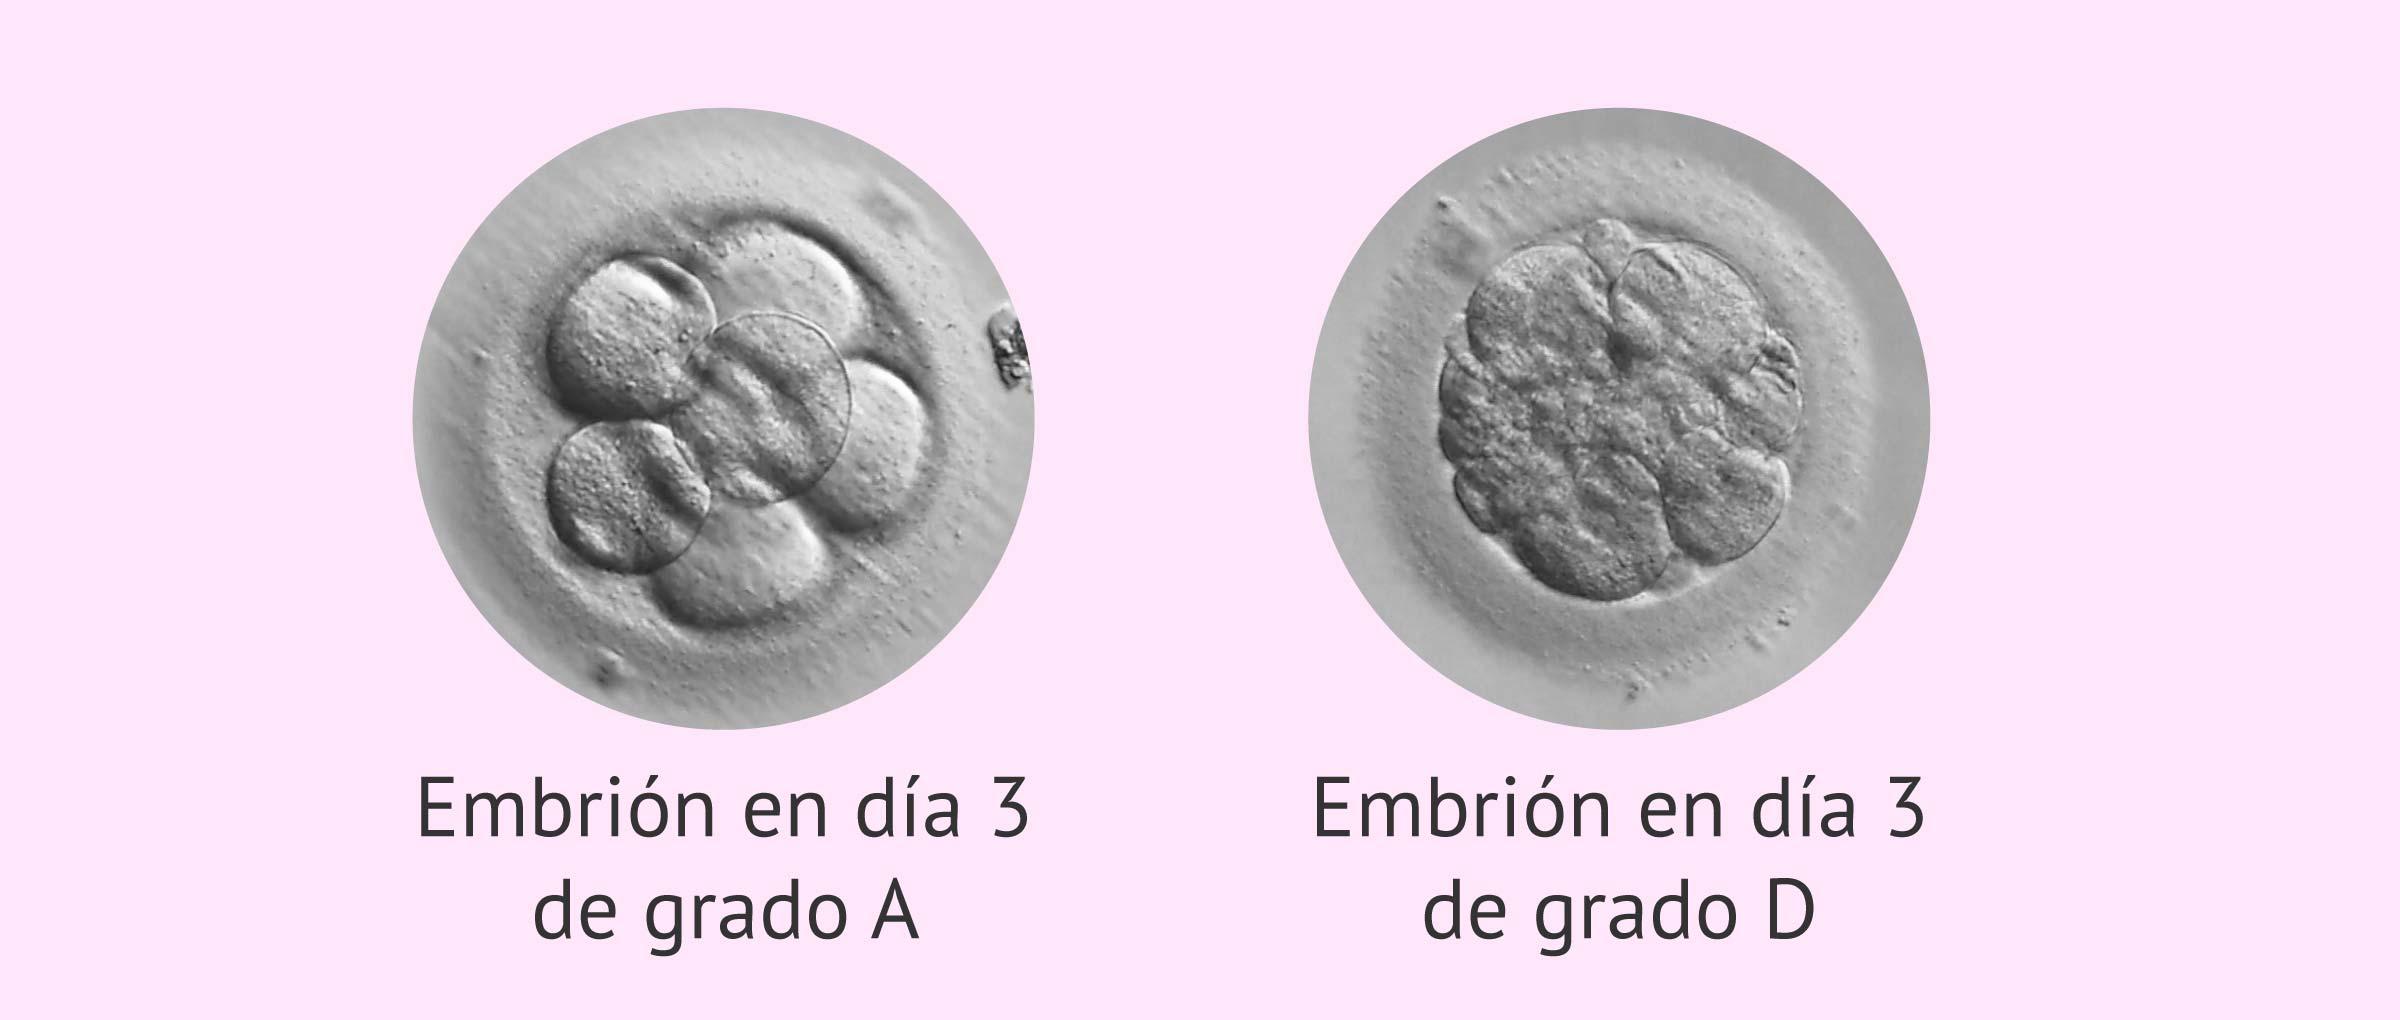 Calidad de los embriones